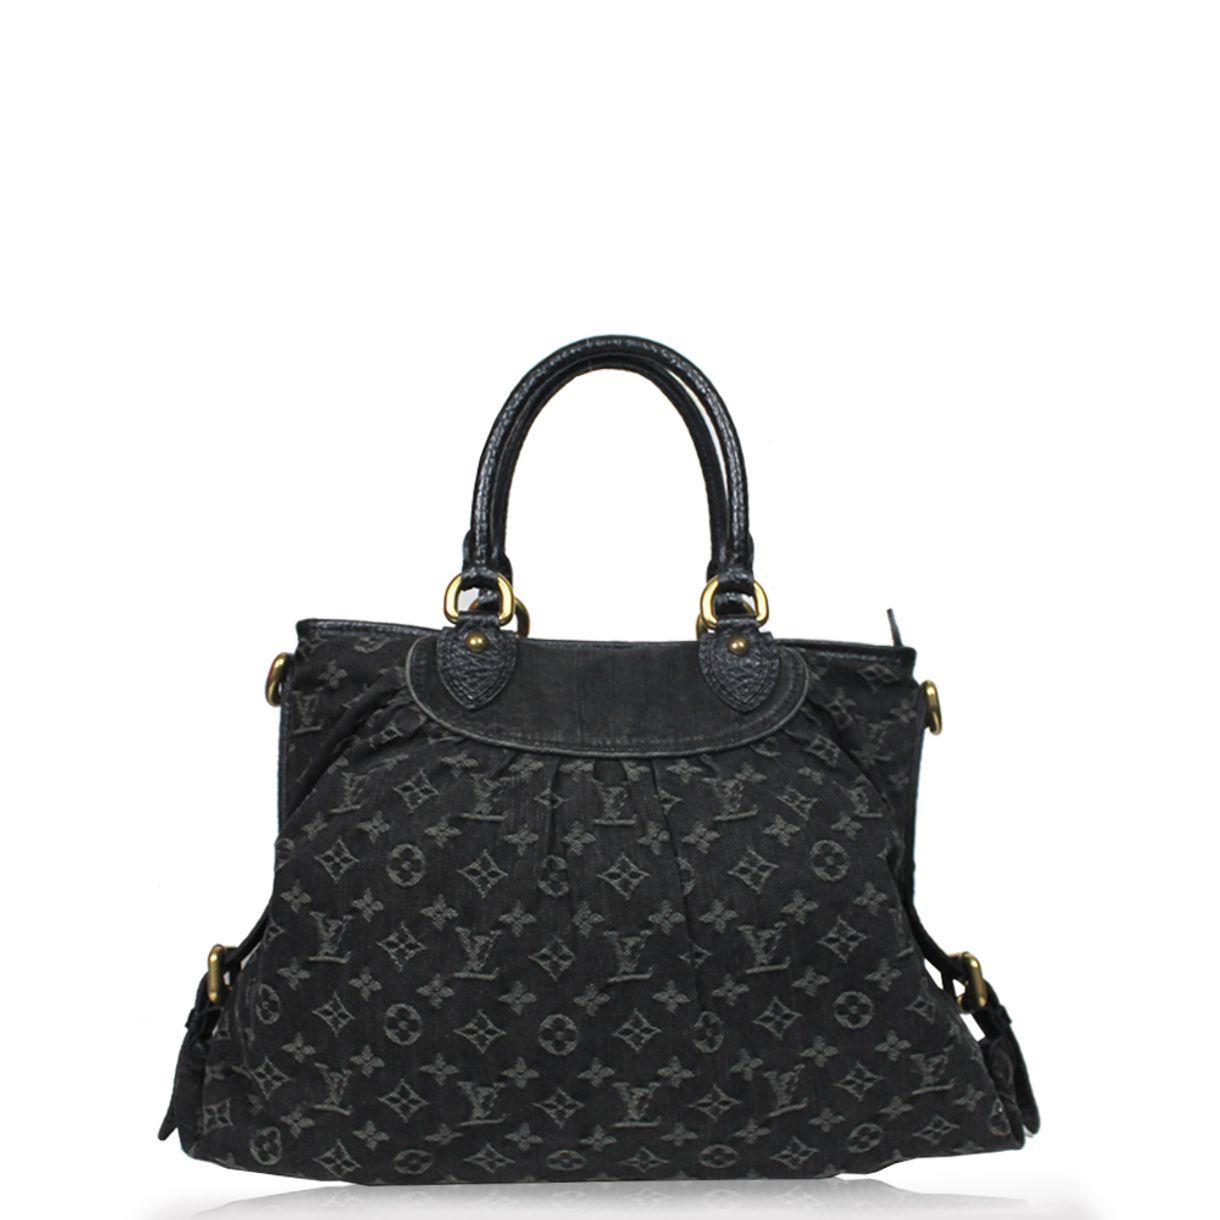 Bolsa-Louis-Vuitton-Neo-Cabby